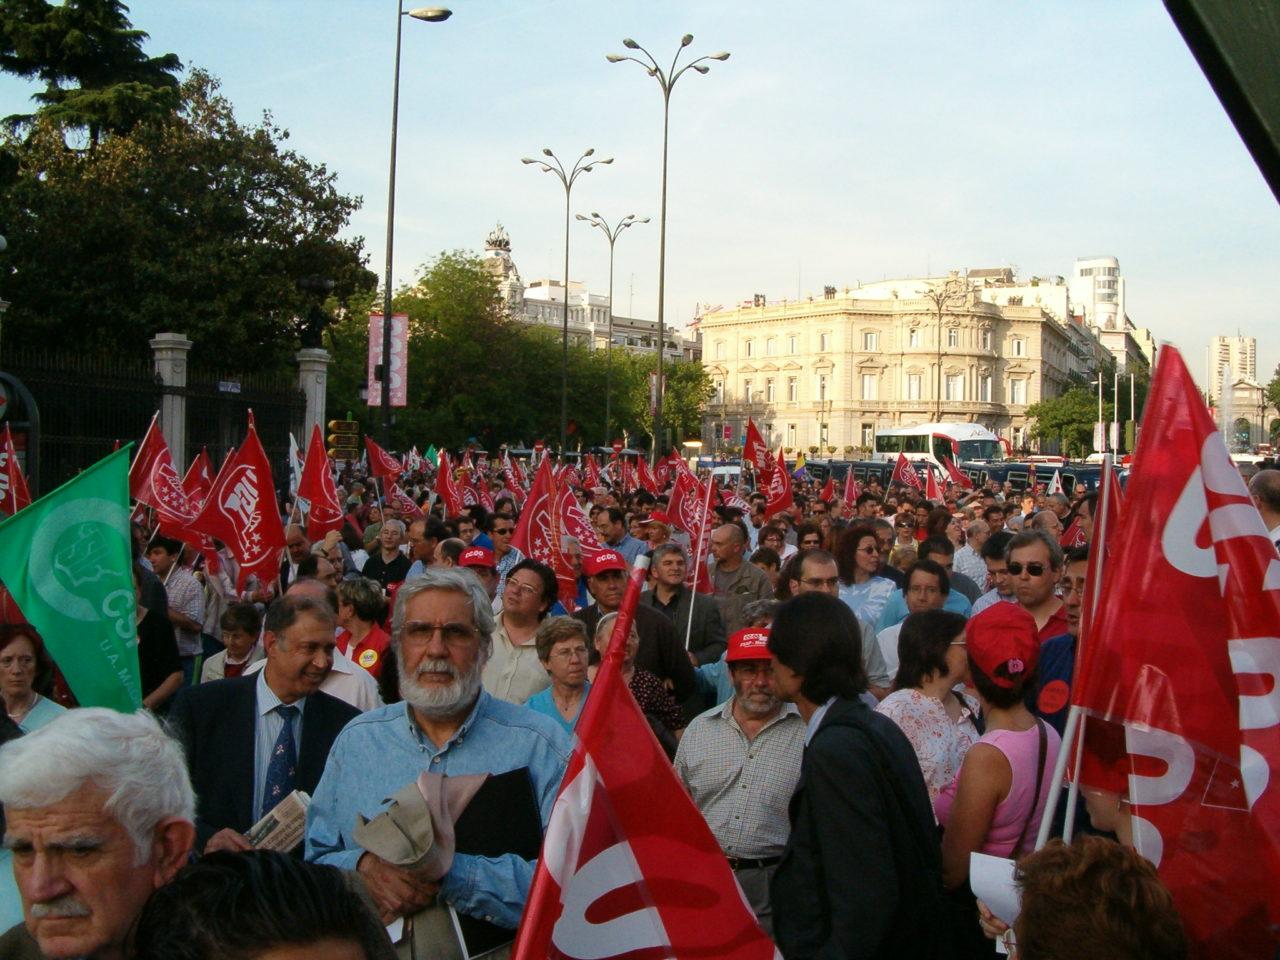 Miles de personas salen a la calle en defensa de la educación pública